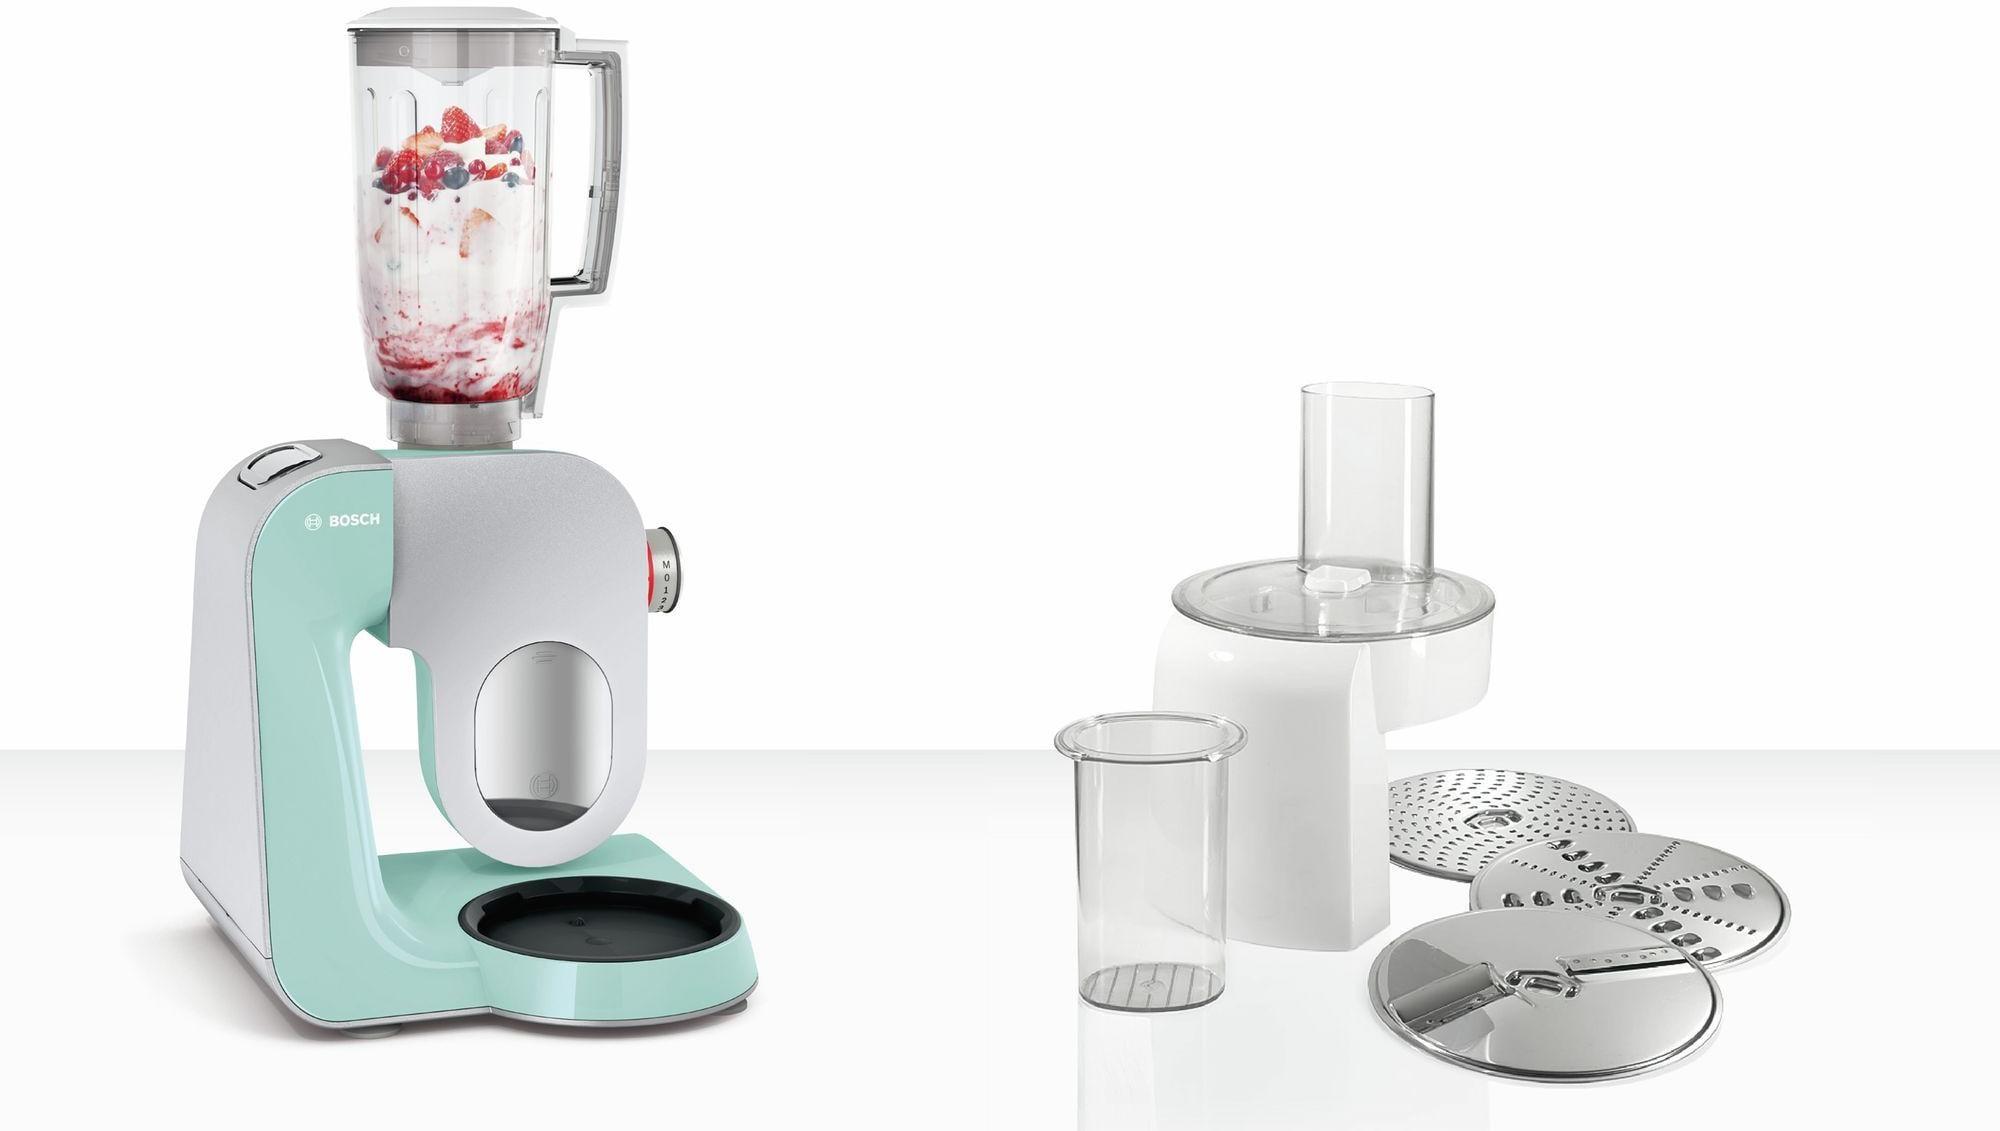 Bosch MUM58020 Küchenmaschine, 1000 W, 3D Rührsystem & EasyArmLift ...